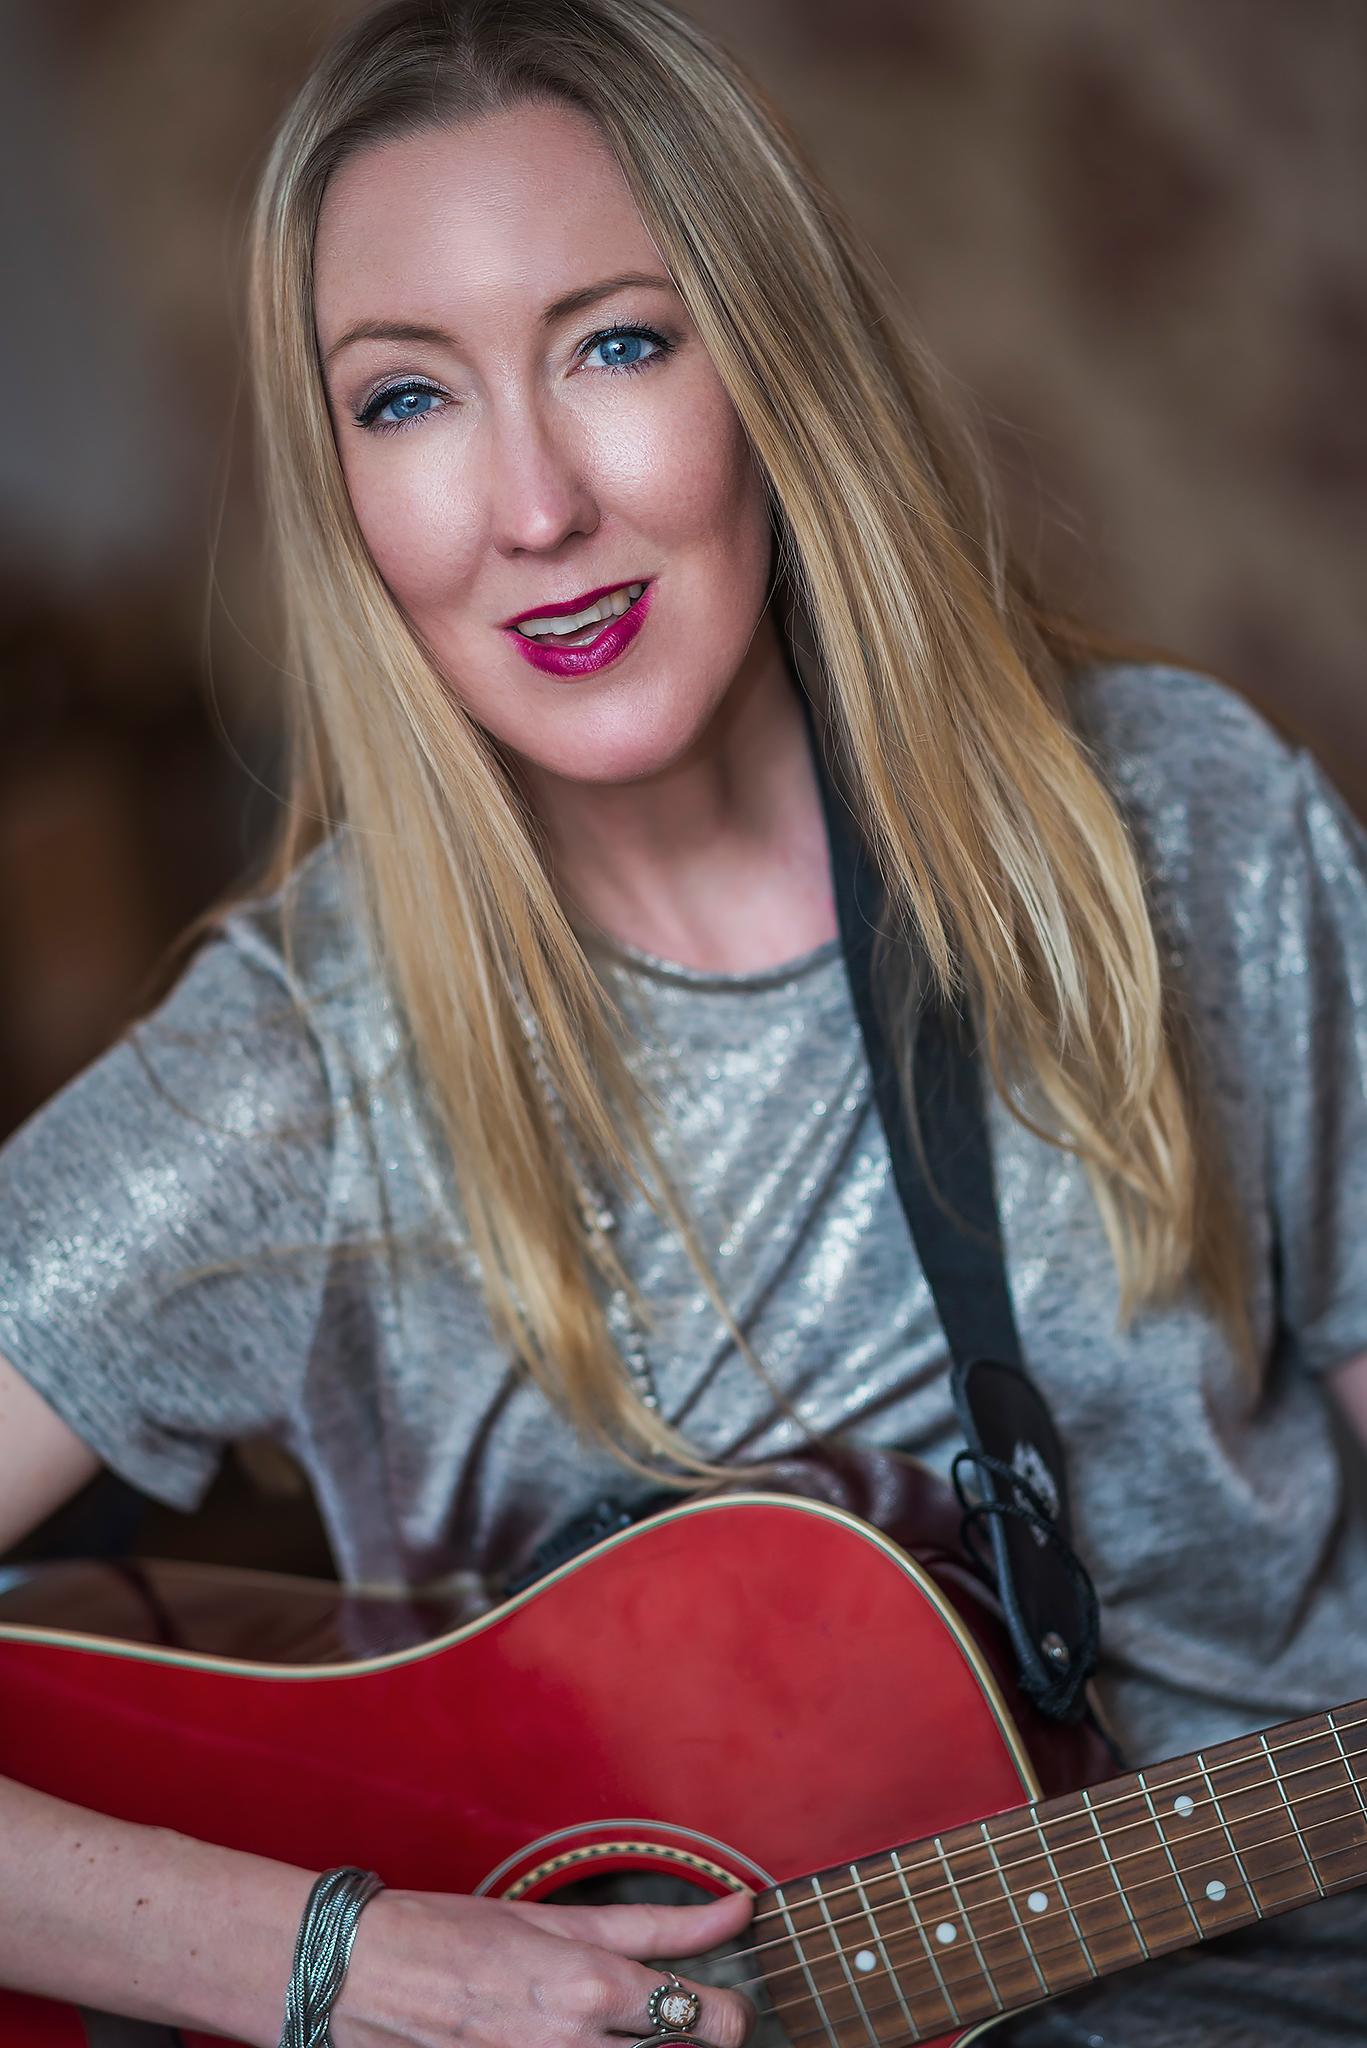 Kajsa Larsson som spelar på Café Hängmattan 5 september, sitter med sin röda gitarr. Ler mot kameran. Trubadurkväll i Strängnäs 16 augusti och 12 + 27 juli